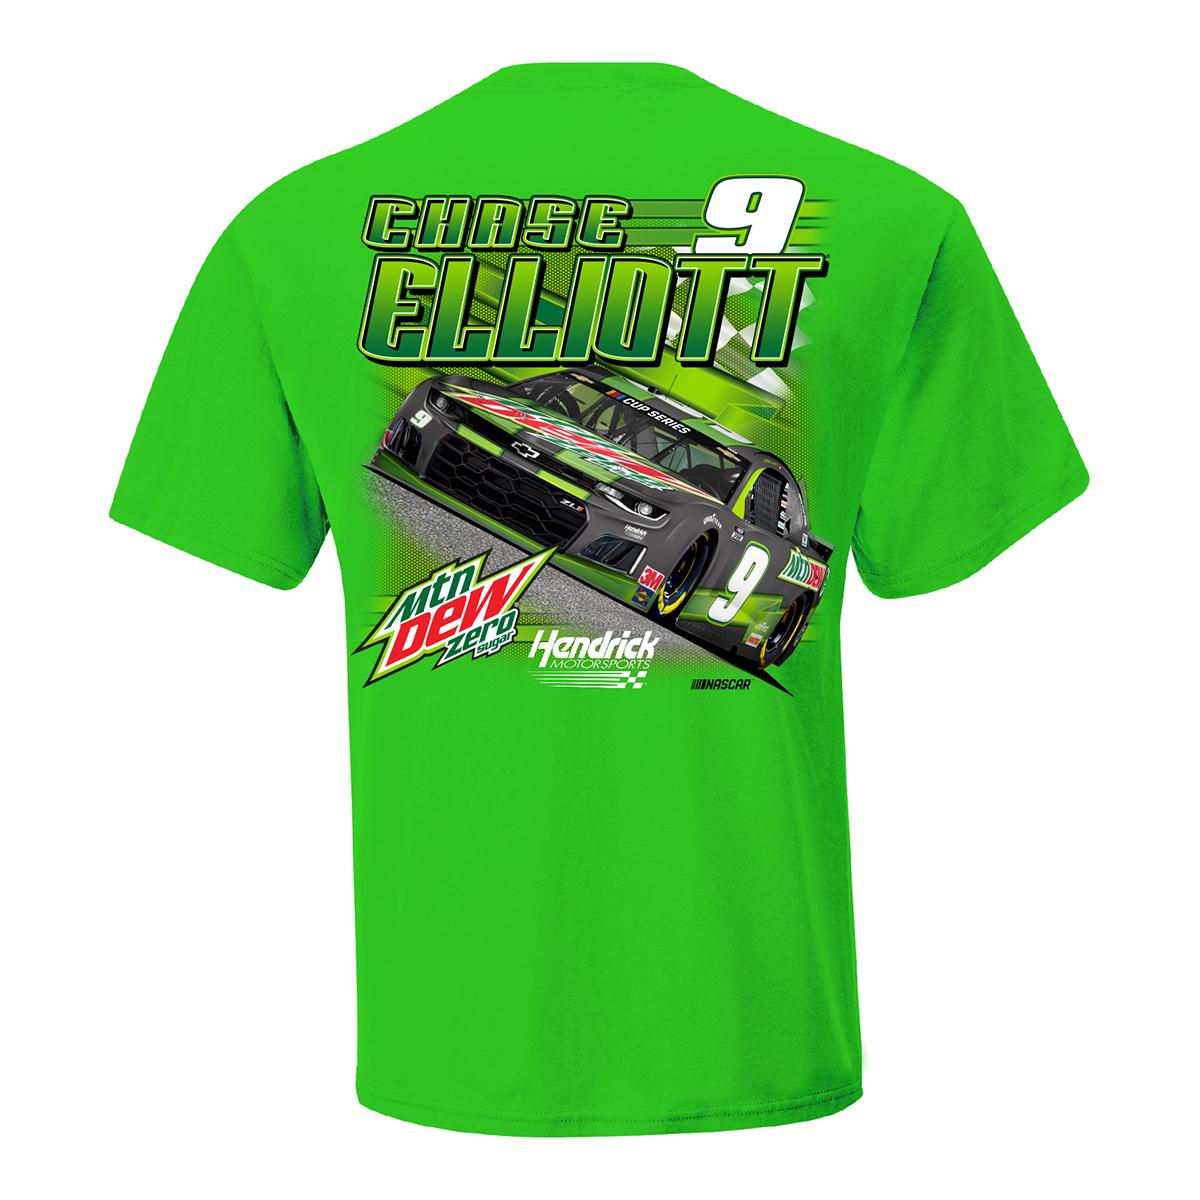 Chase Elliott 2020 Clash at Daytona T-shirt